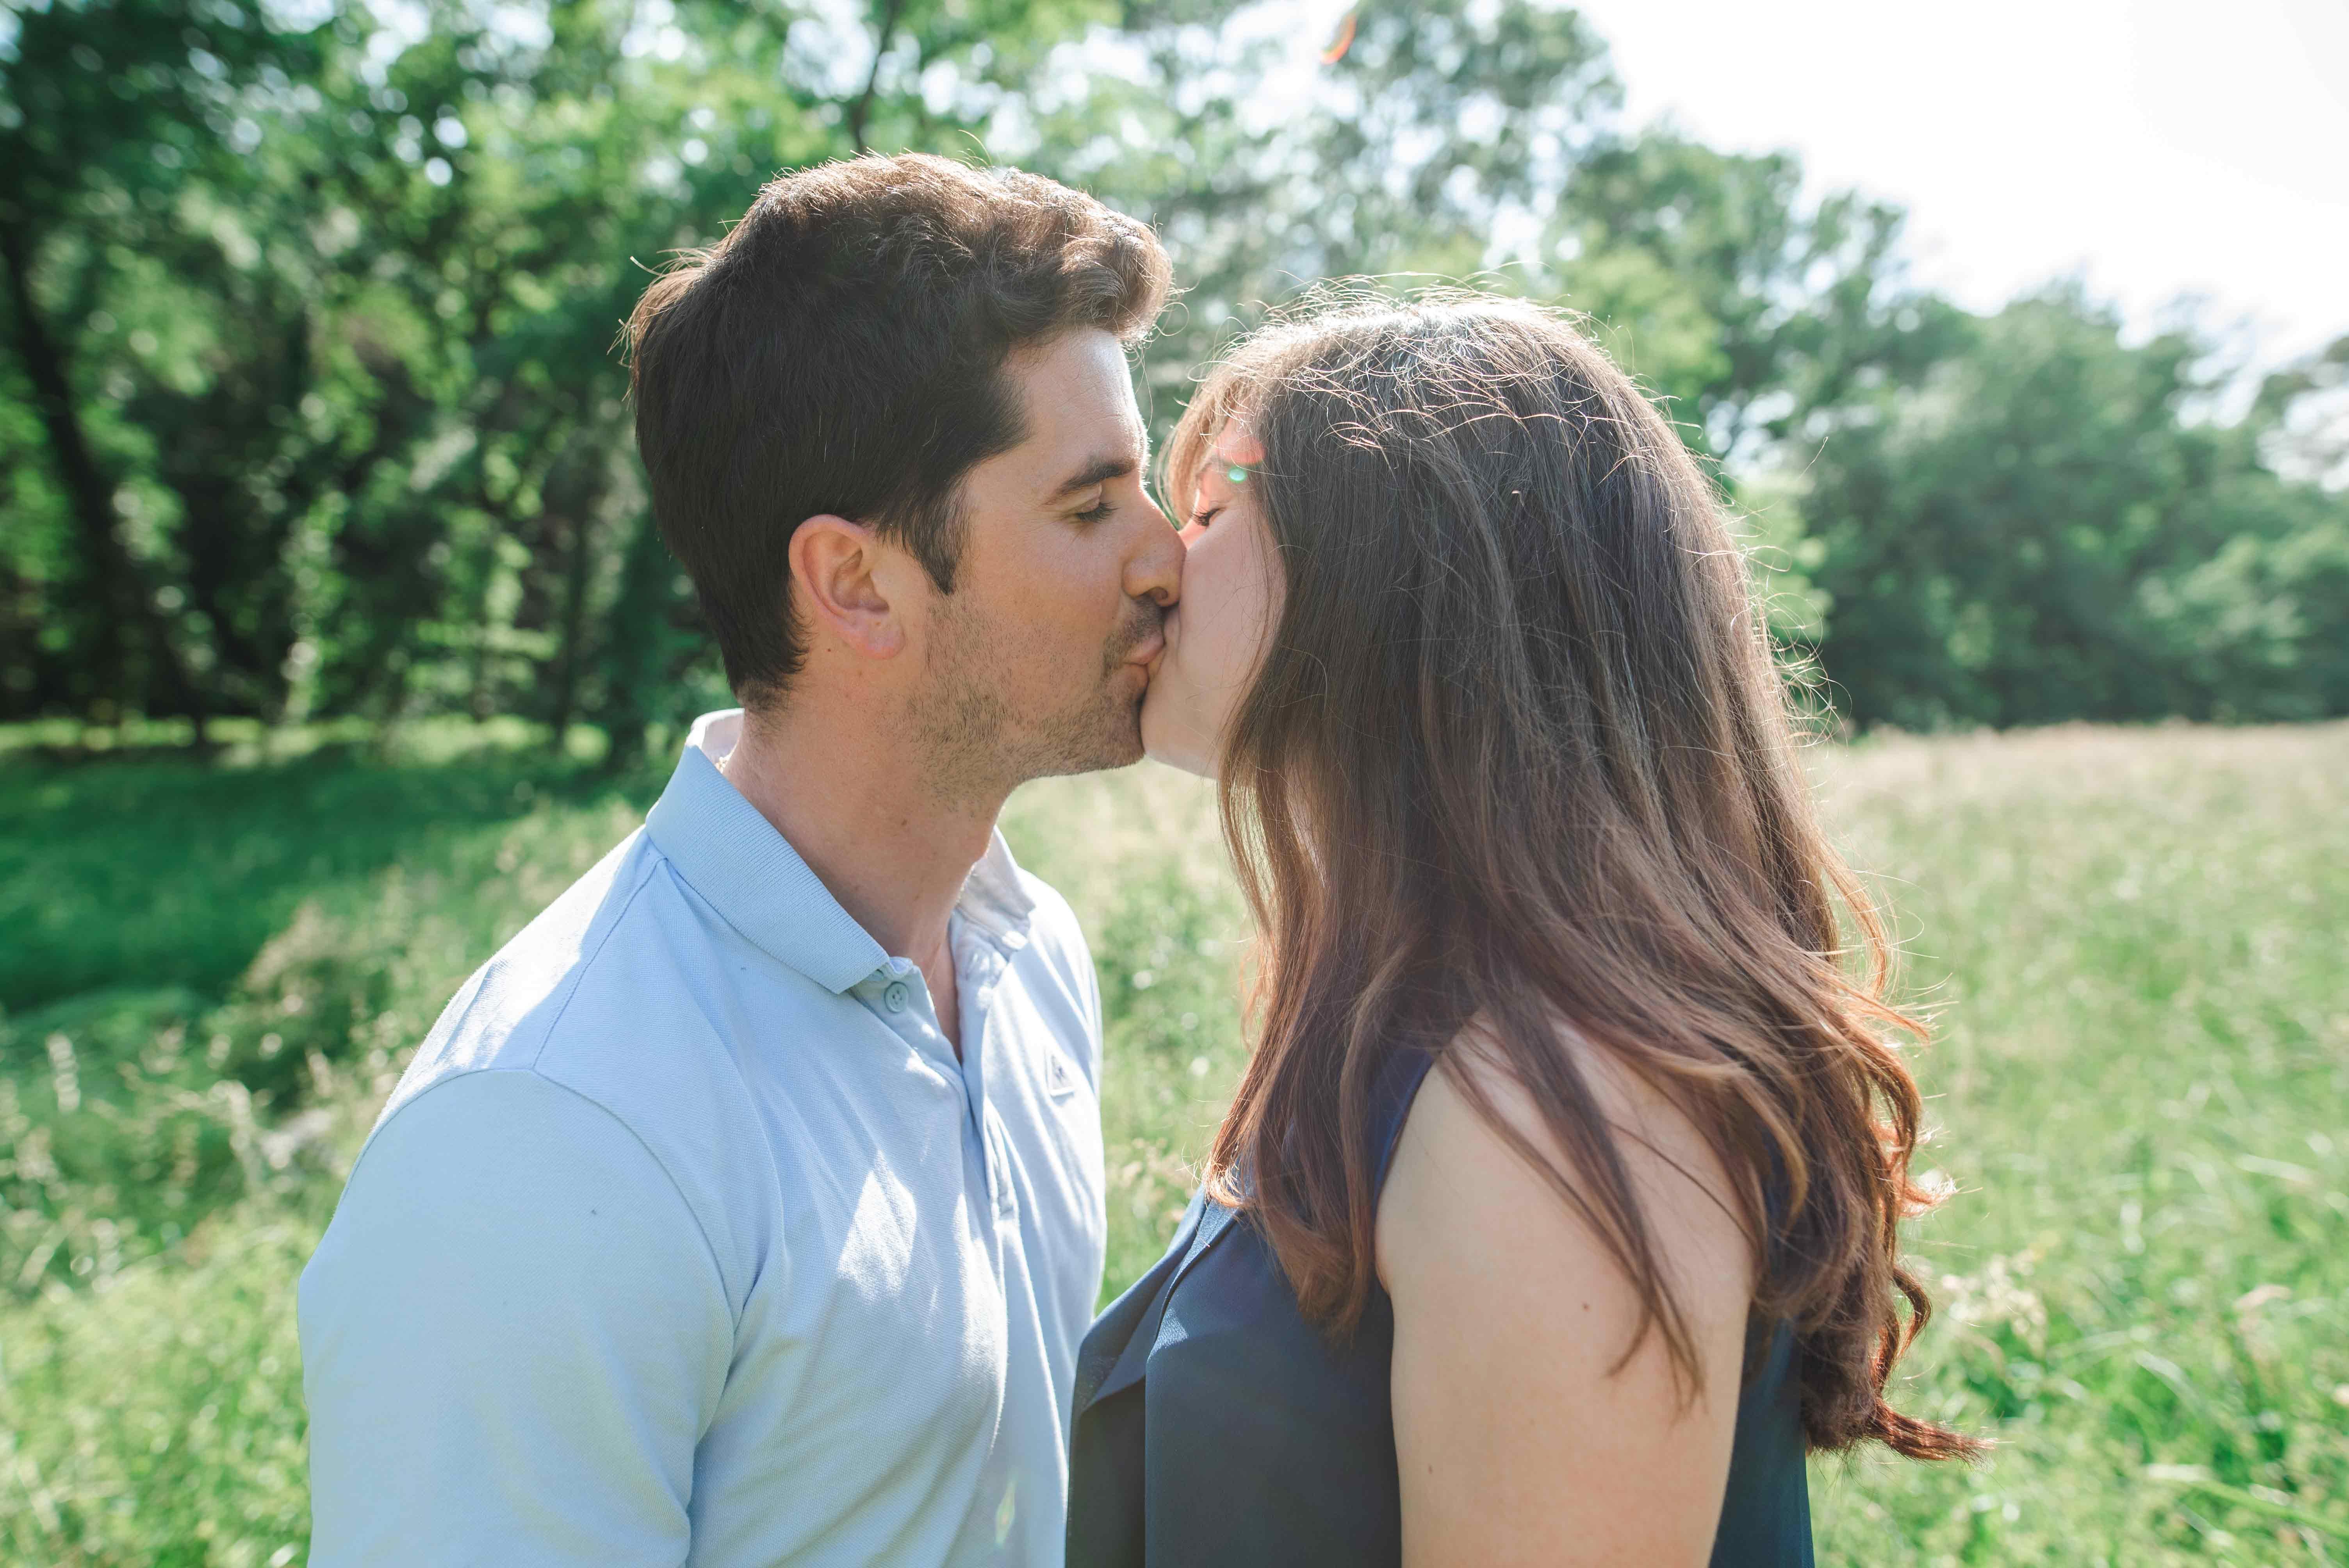 séance photo d'engagement côte d'azur